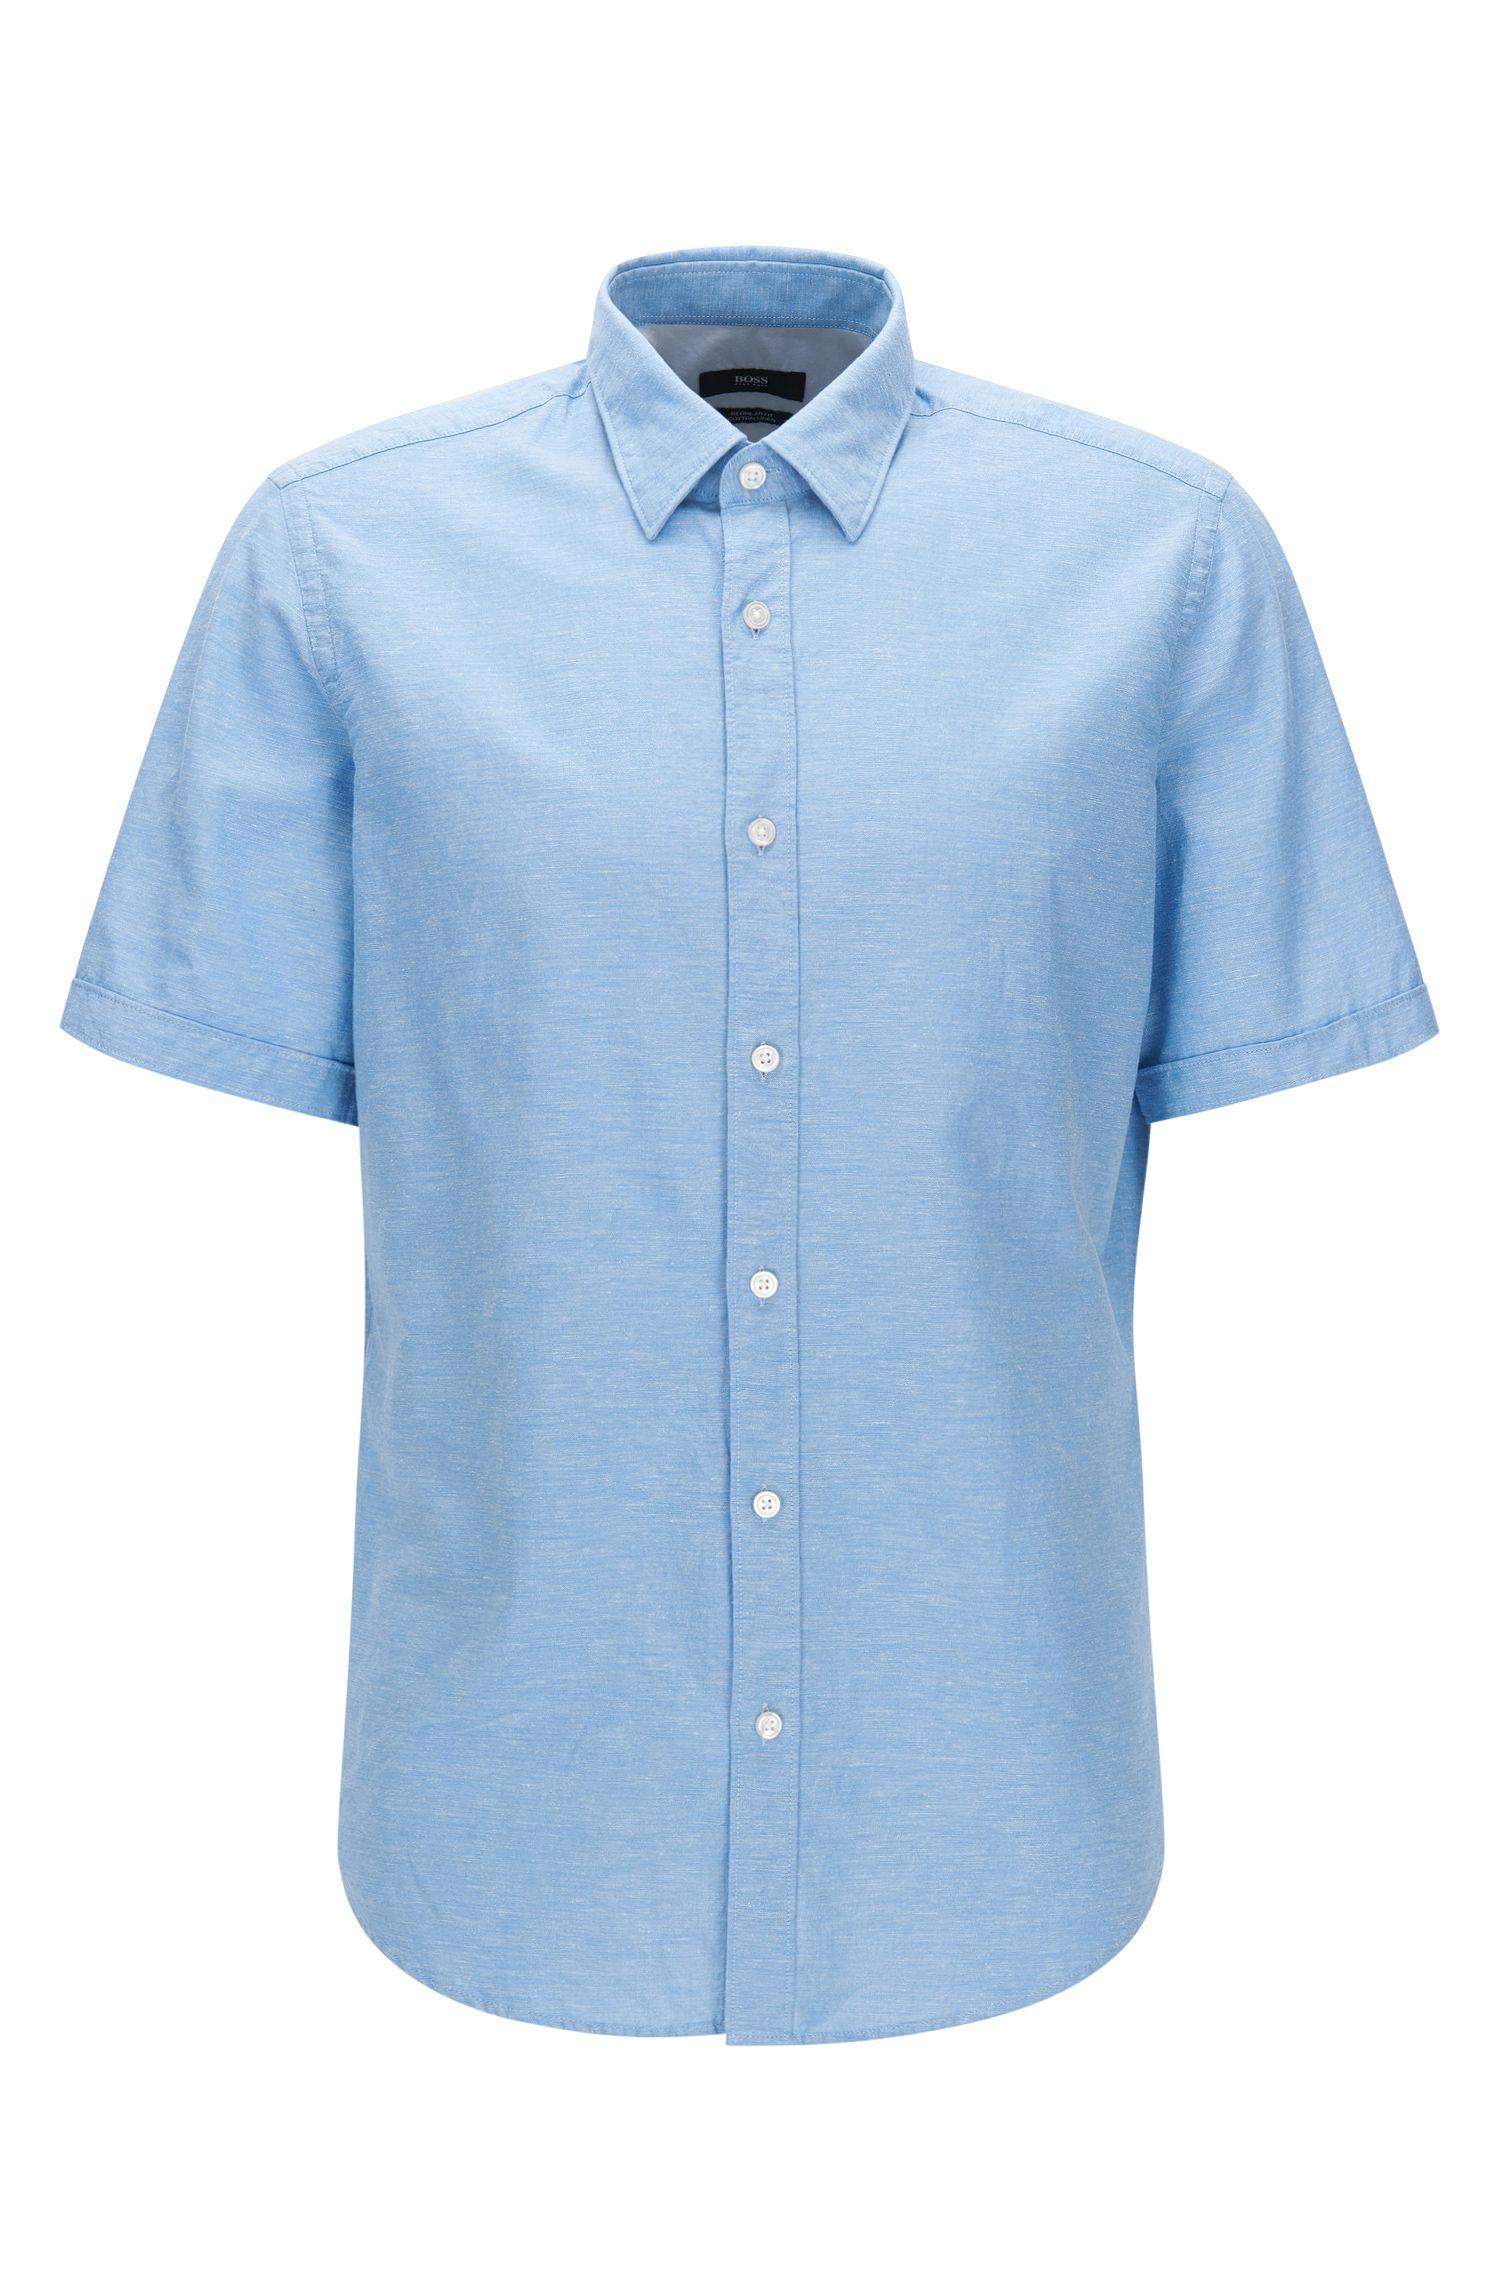 Camicia a maniche corte regular fit in cotone misto a lino